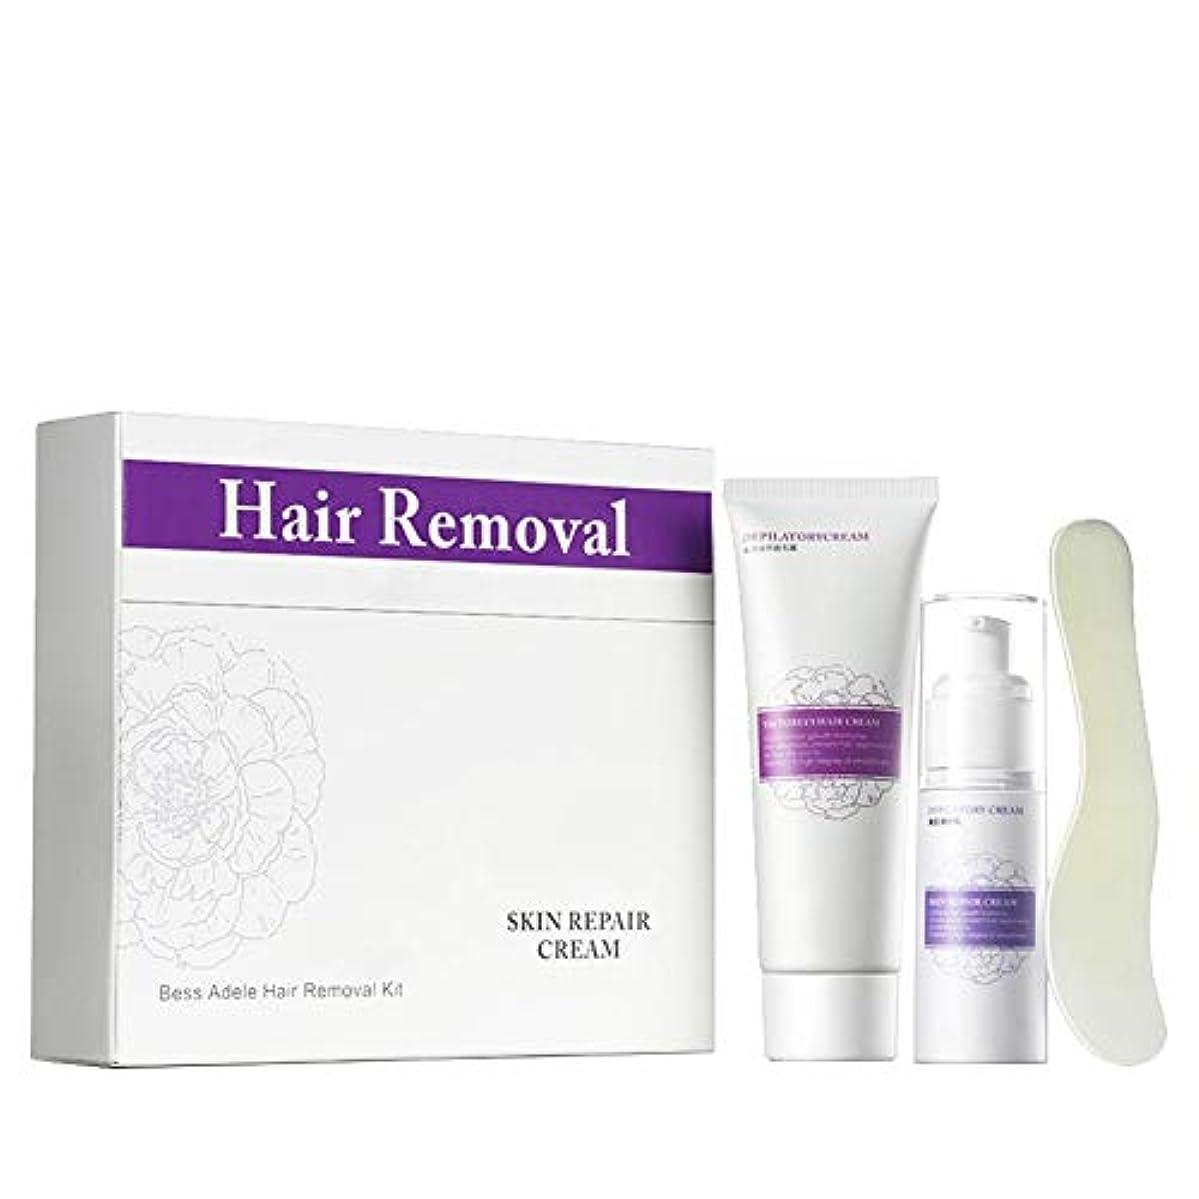 めったに不名誉な自由除毛クリーム 修復用ミルクスクレーパー優しい脱毛は肌を傷つけません、ファースト&シンプル、肌の潤いを和らげ、保ちます